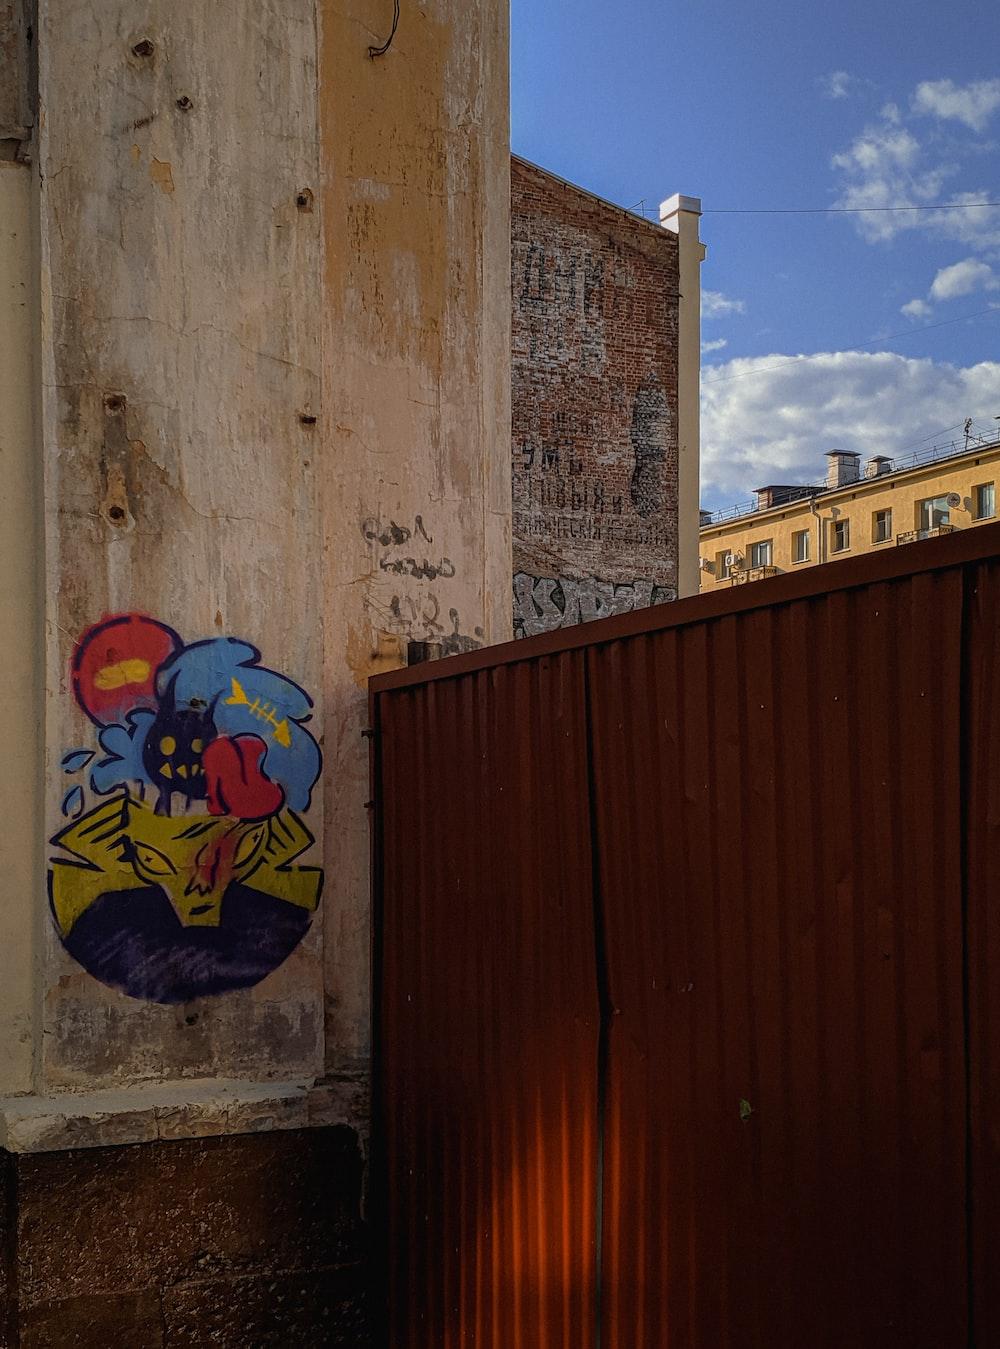 blue and yellow graffiti